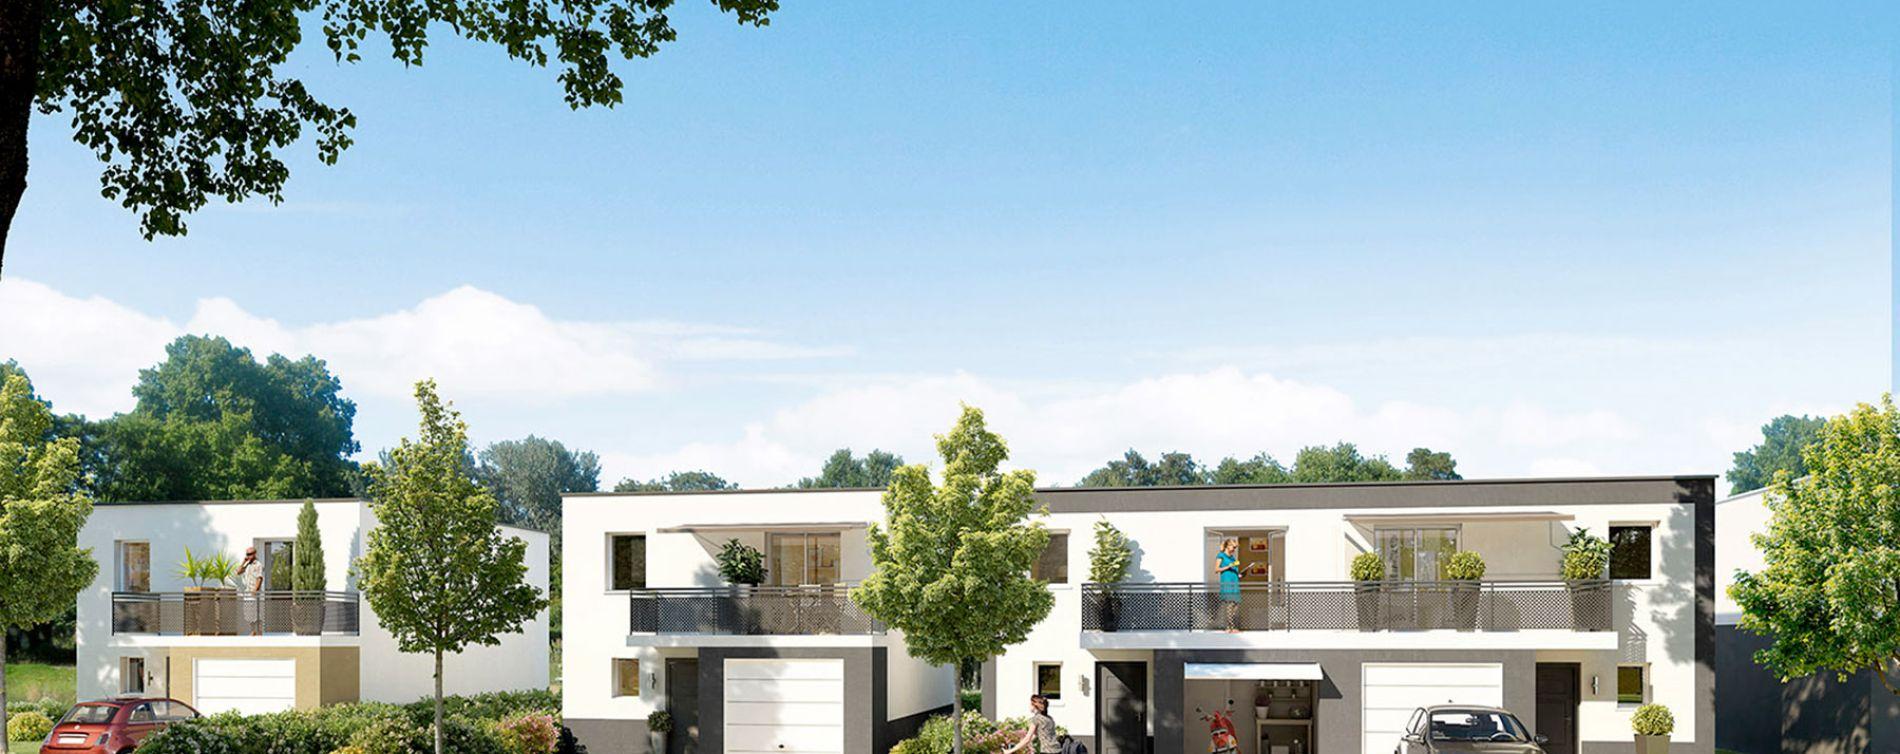 Résidence Villa Romane à Grand-Couronne